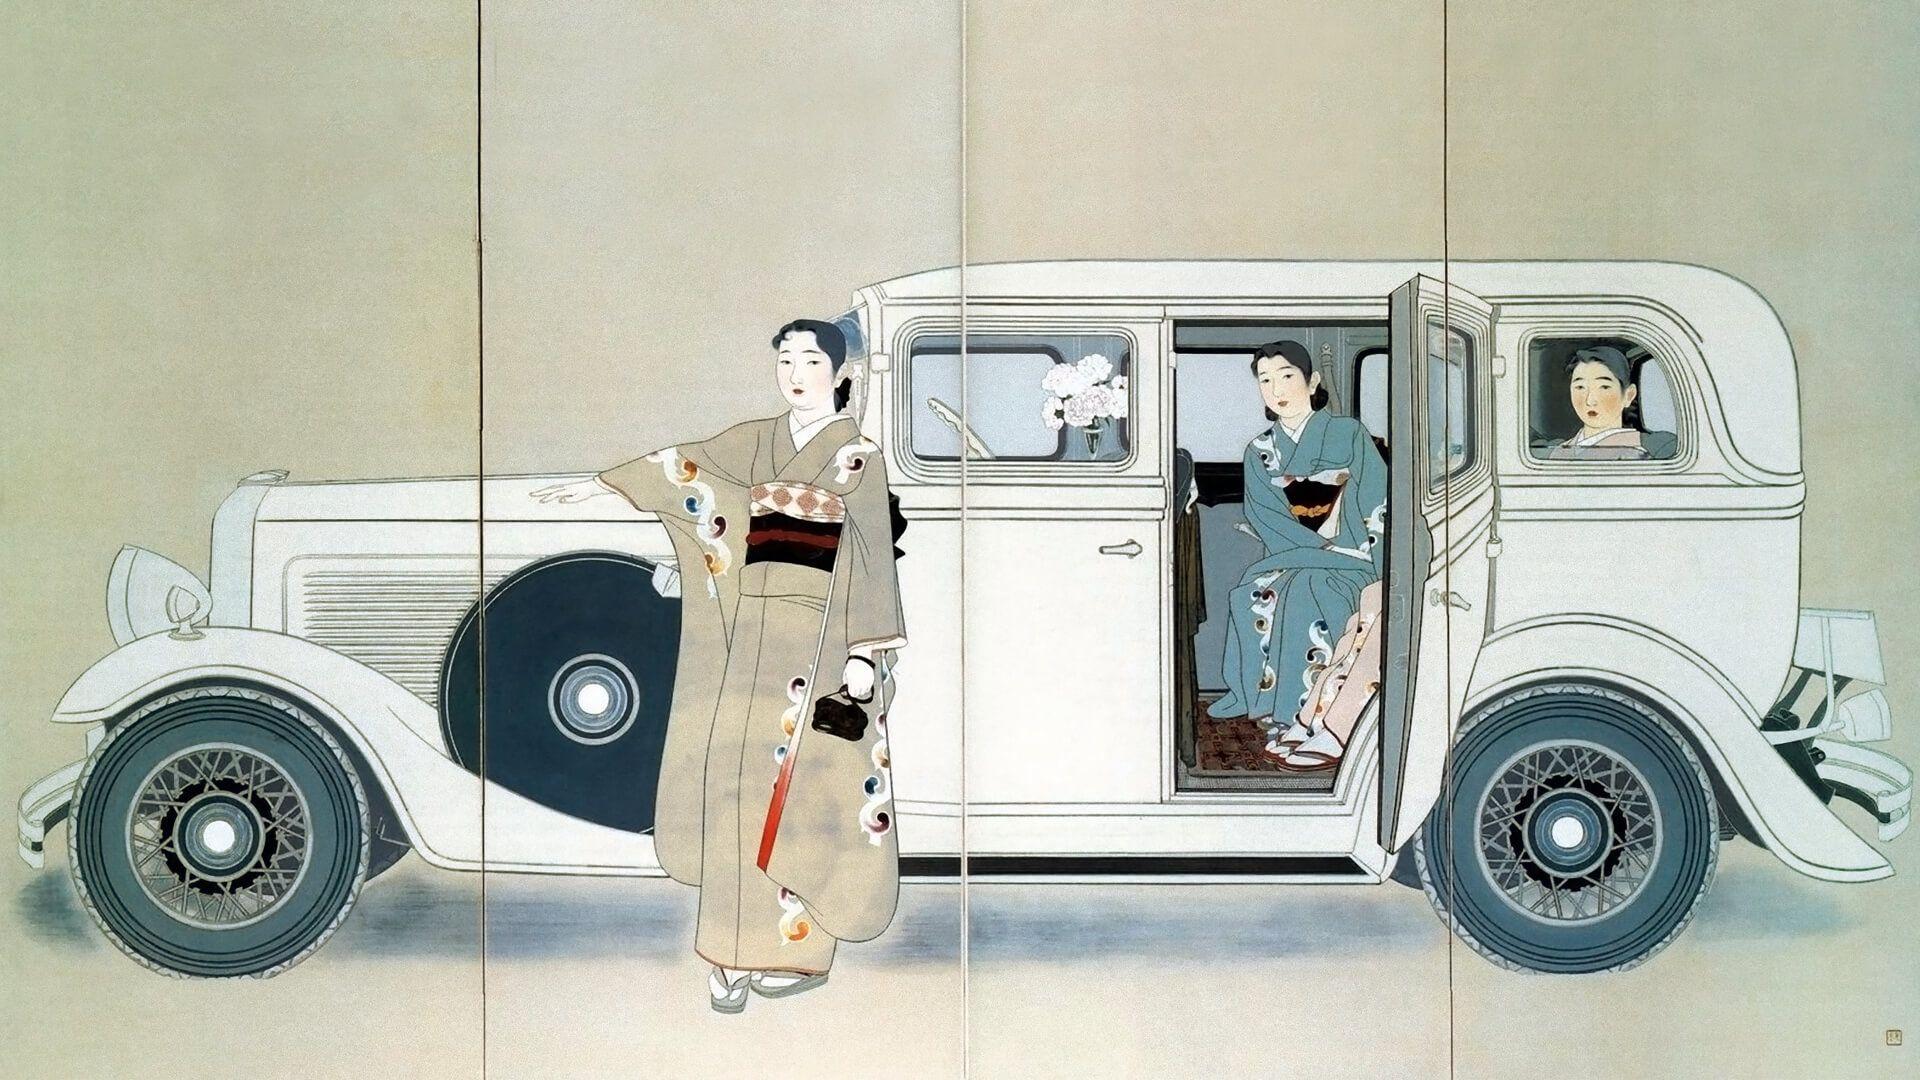 Yamakawa Shuho Sannin No Shimai 1920x1080 ポスターデザイン Pc用壁紙 壁紙